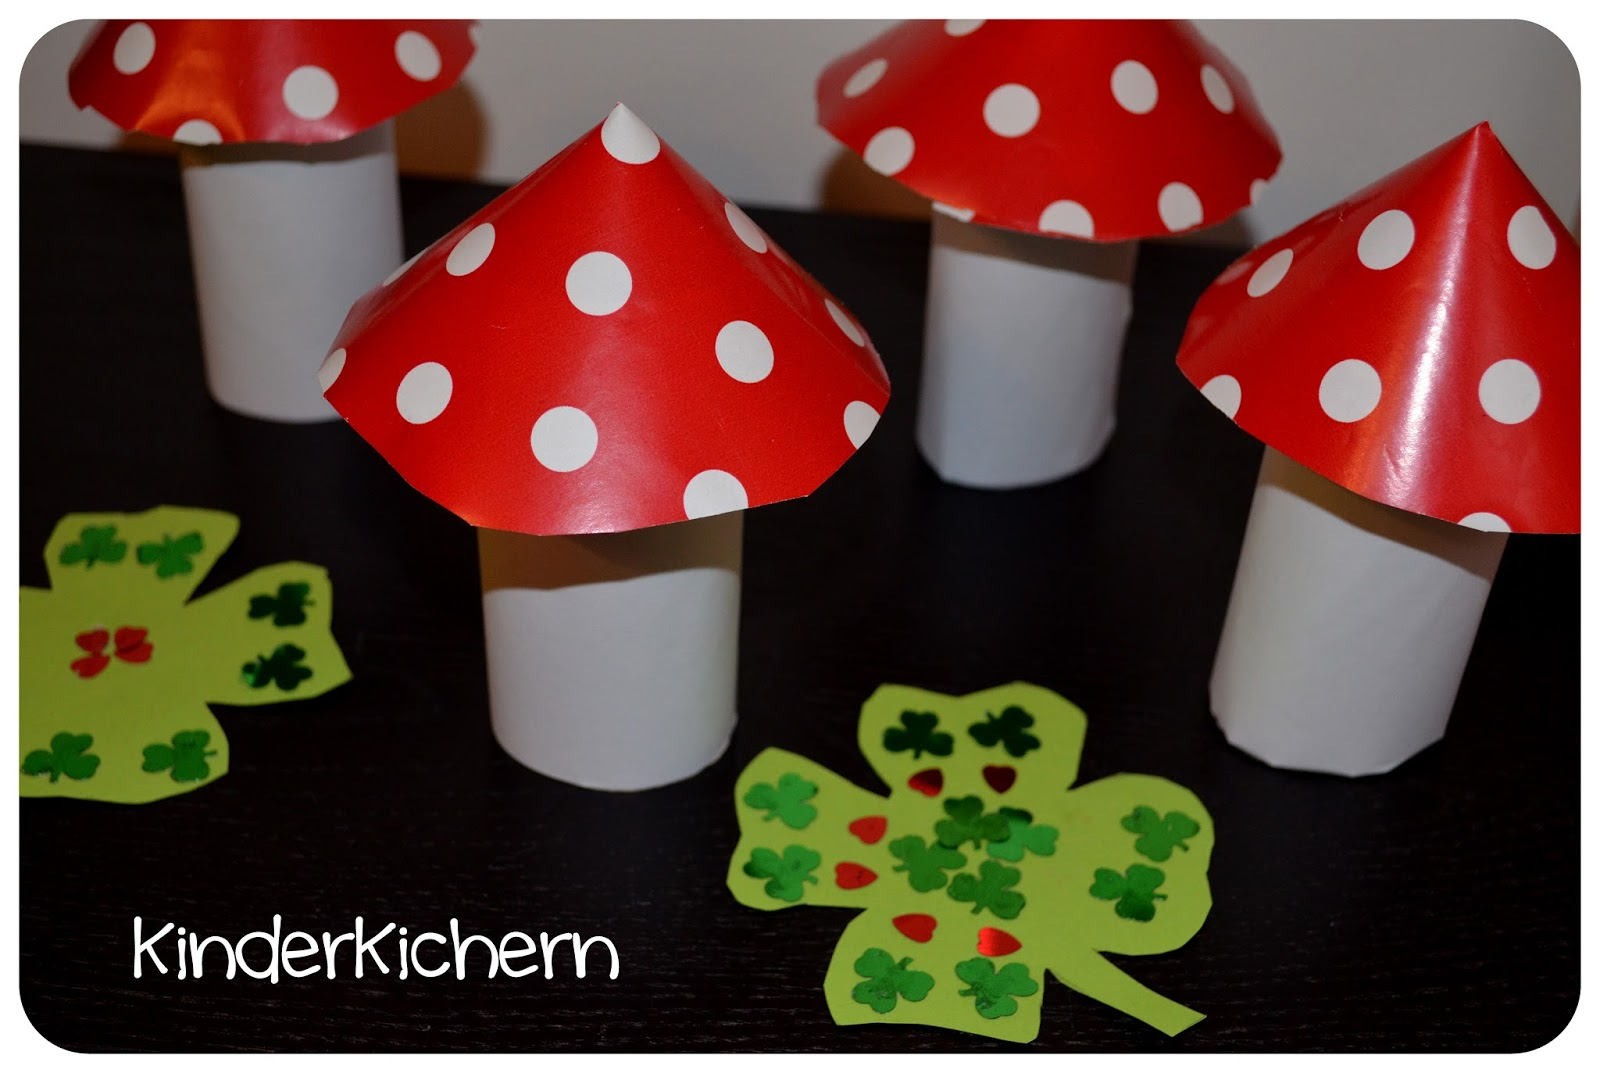 Kinderkichern unsere woche kw 53 for Fliegenpilz dekoration